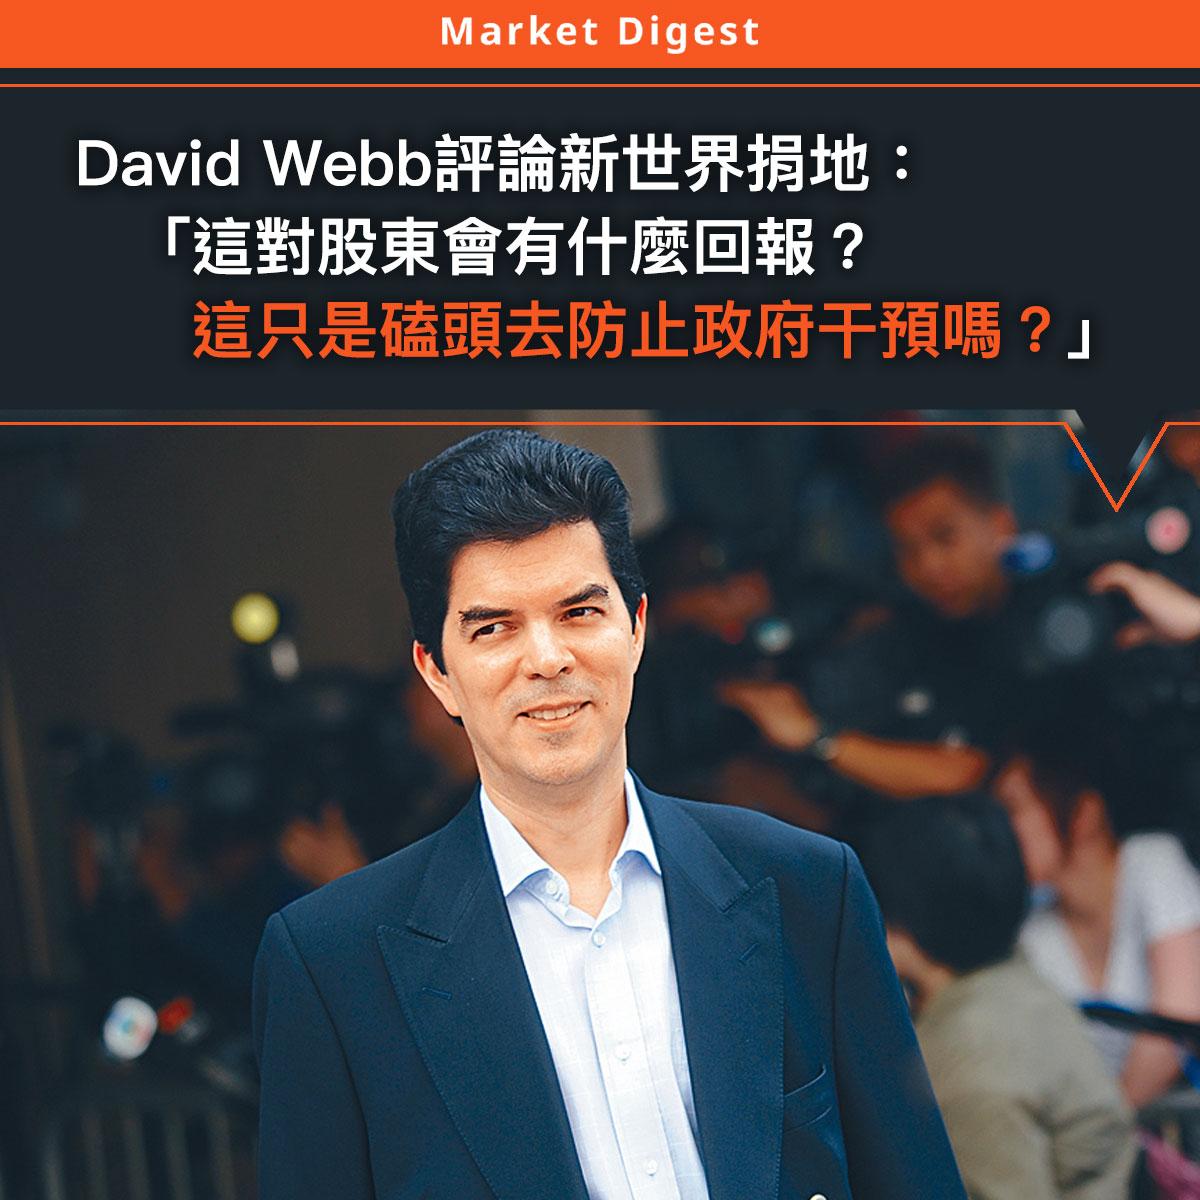 【市場熱話】David Webb評論新世界捐地:「這只是磕頭去防止政府干預嗎?」